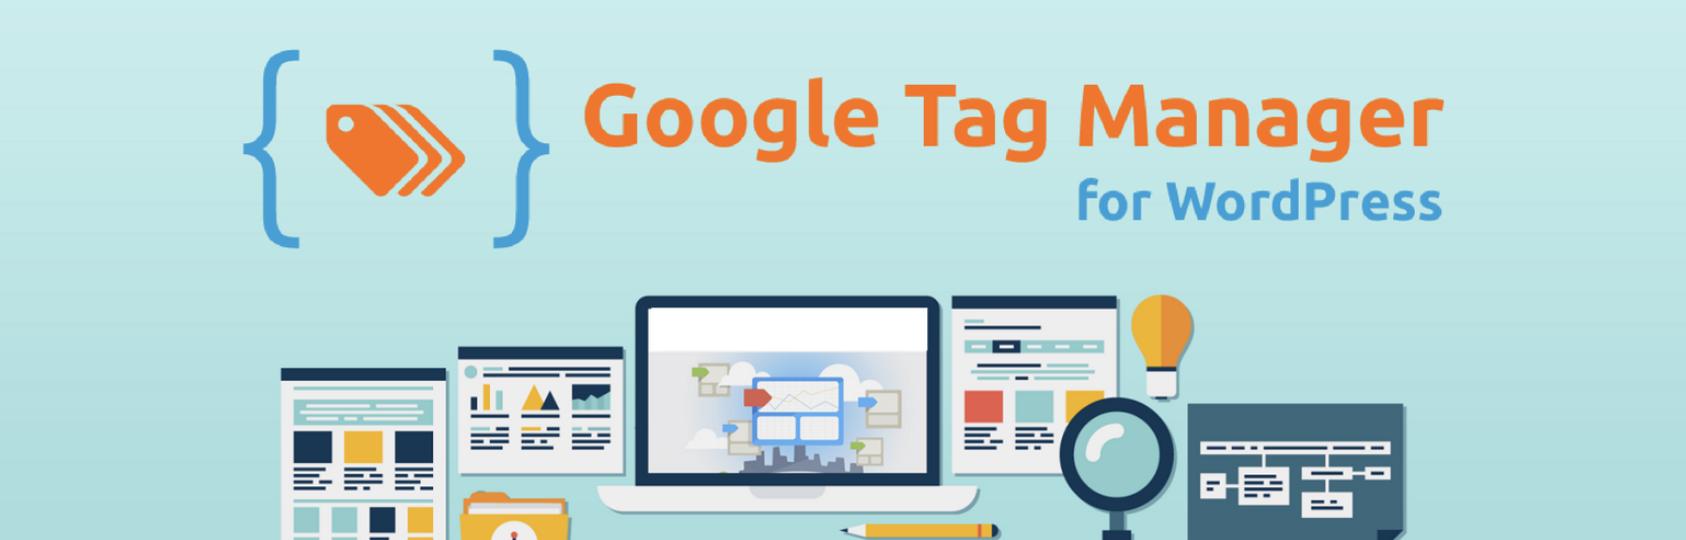 Google Tag Manager cho WordPress